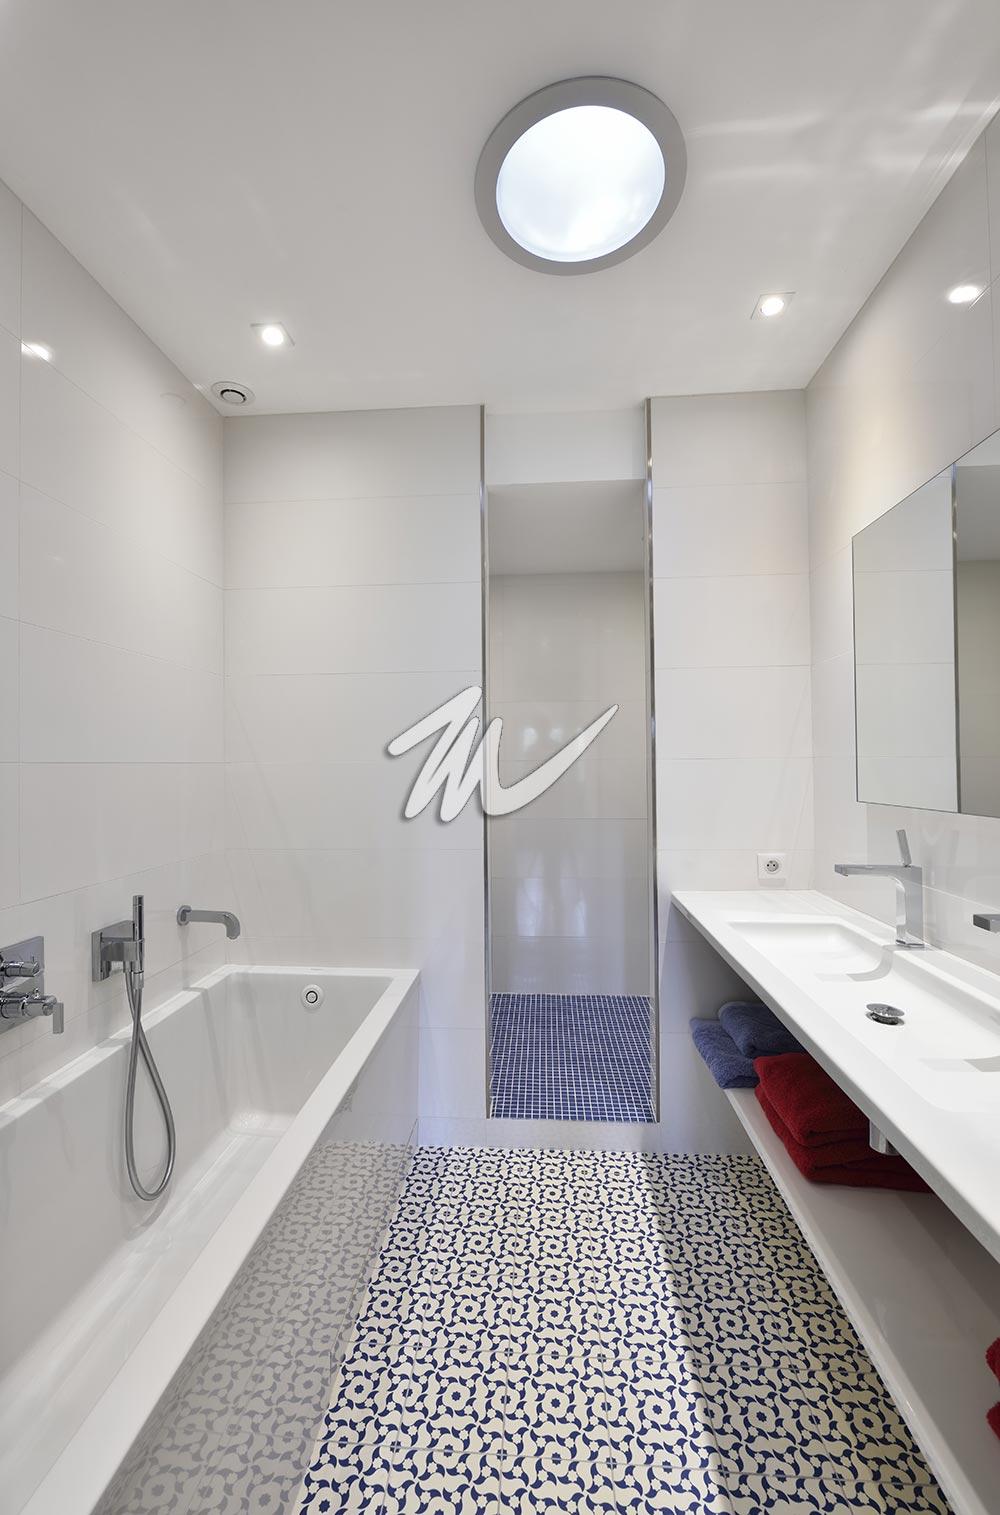 Salle de bain contemporaine 05 – Masterceram